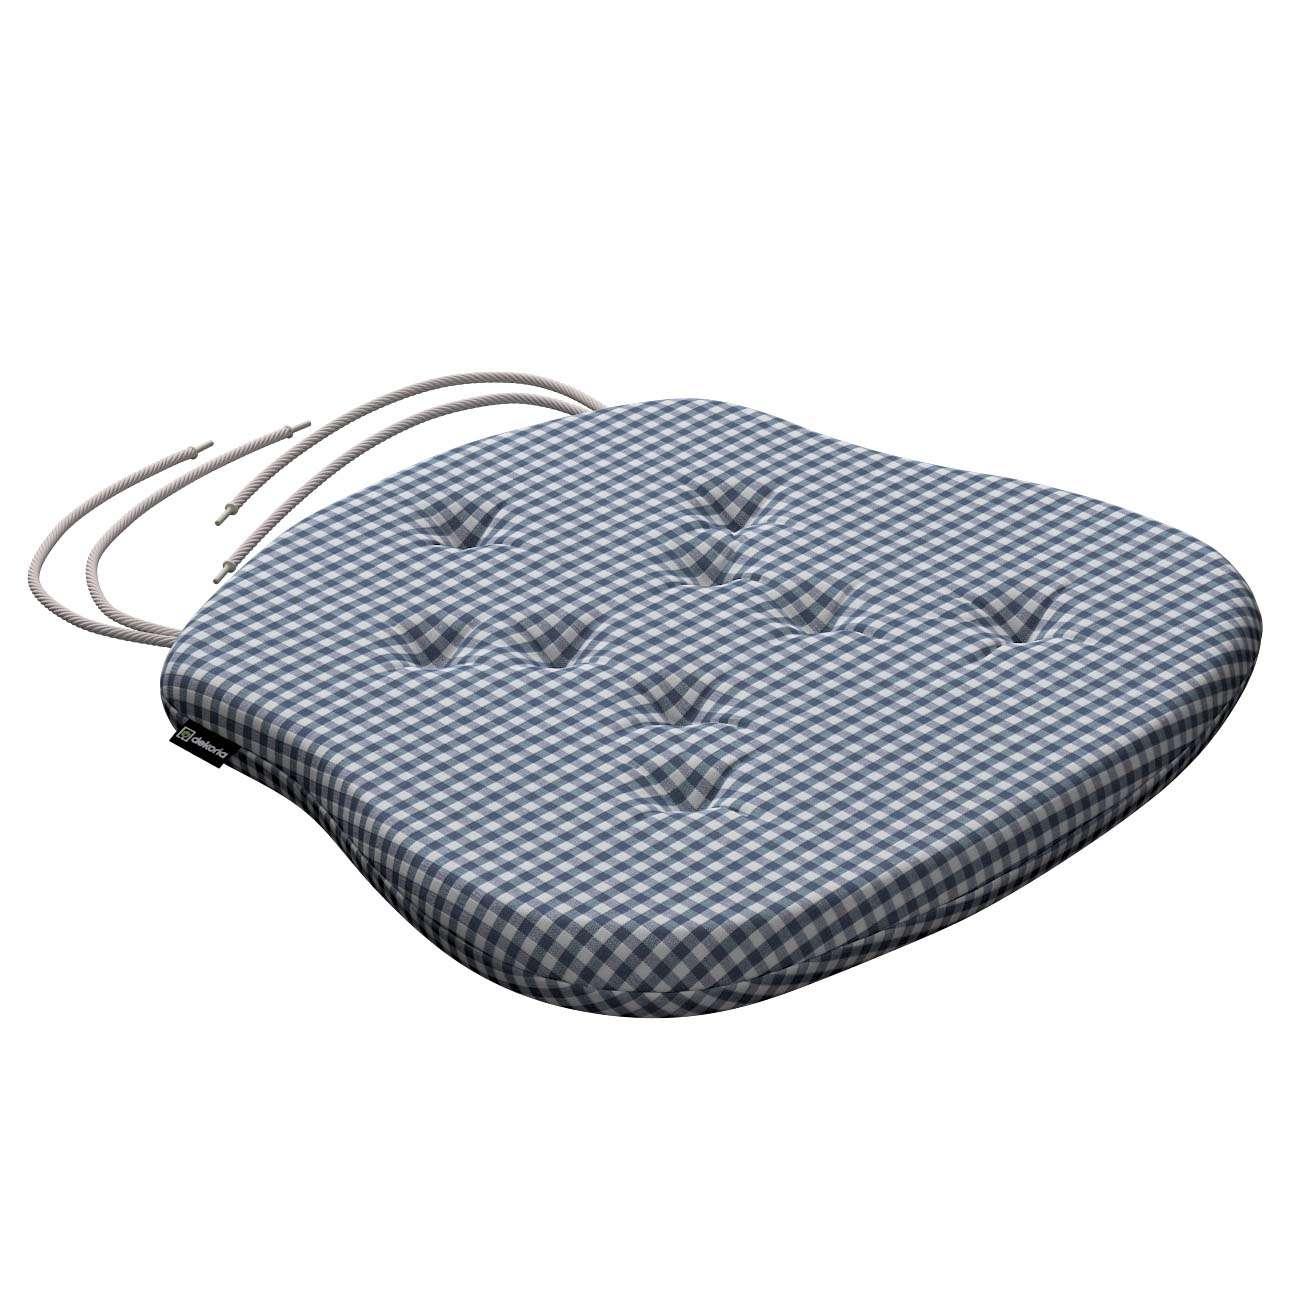 Siedzisko Filip na krzesło 41x38x3,5 cm w kolekcji Quadro, tkanina: 136-00